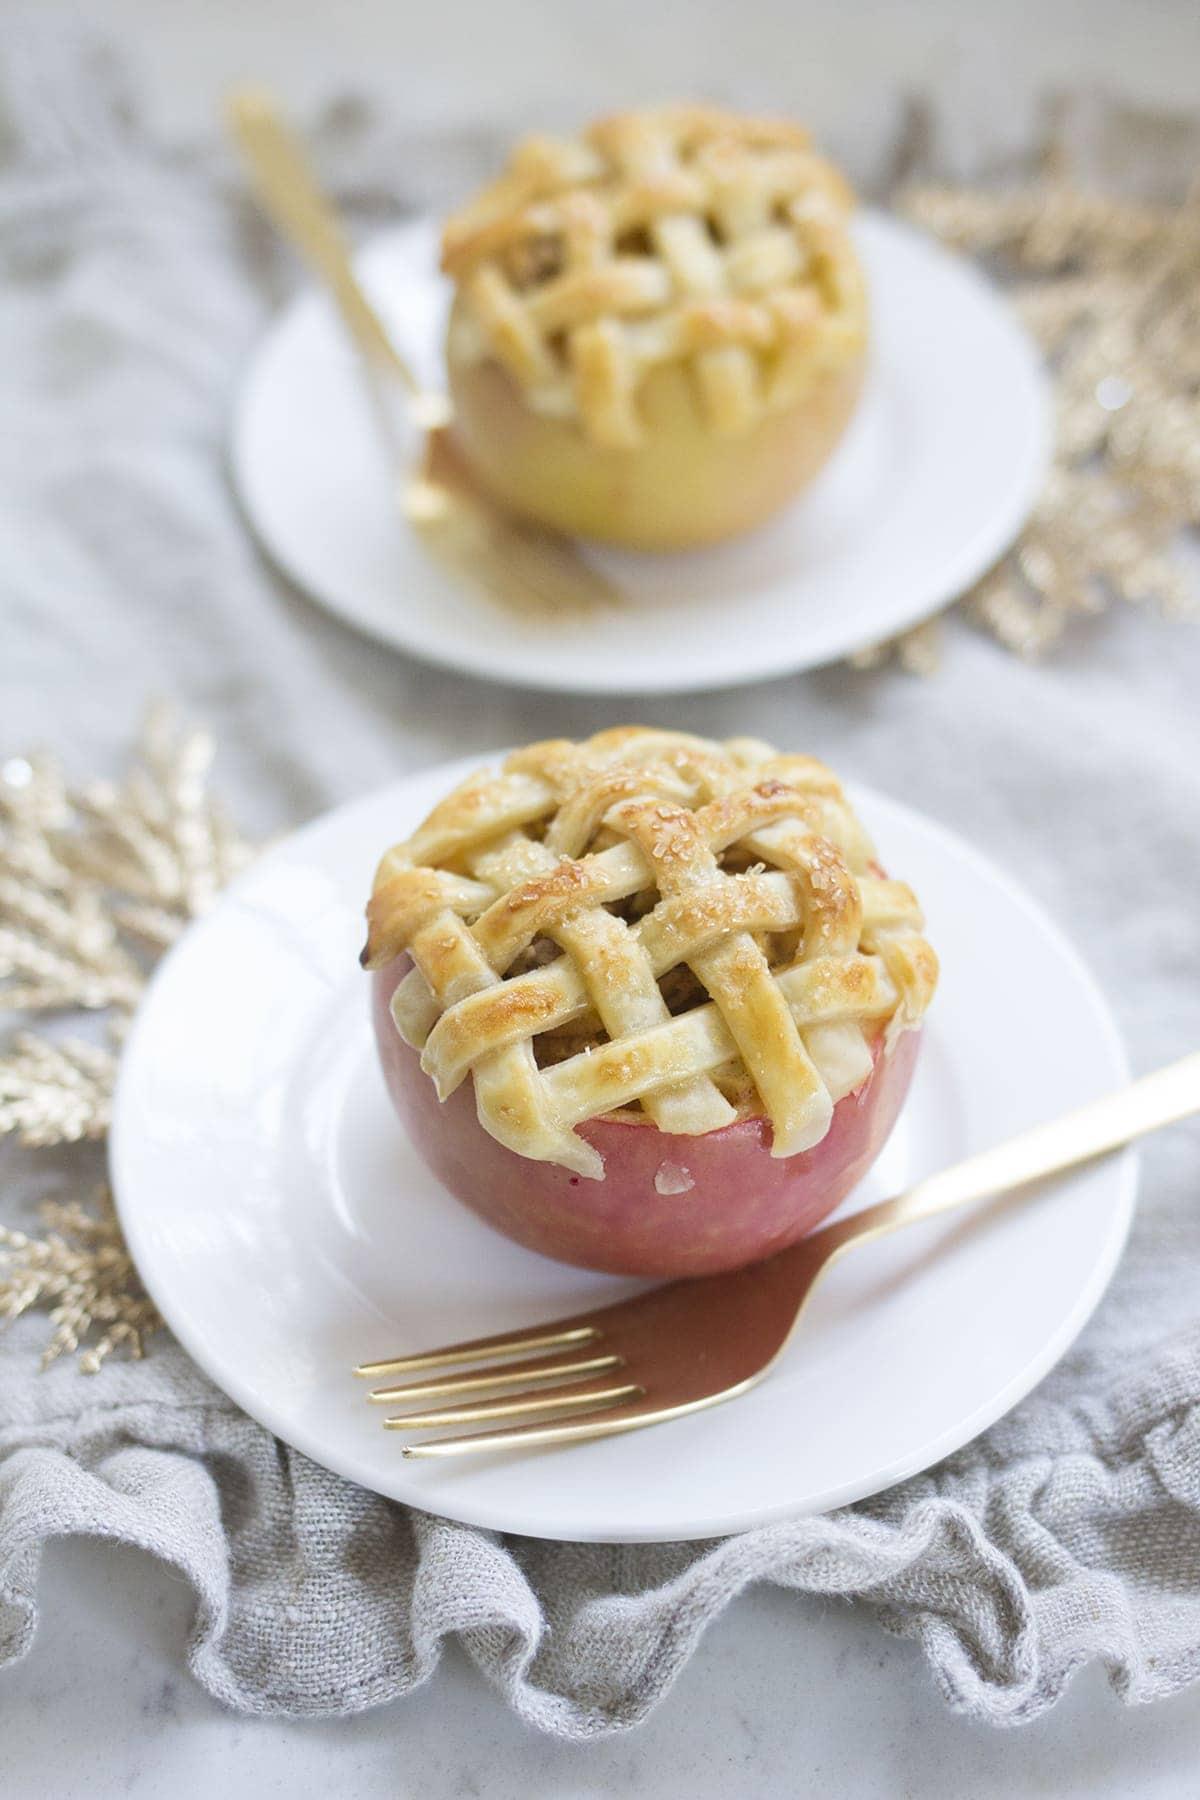 Apple Pie Baked in an Apple